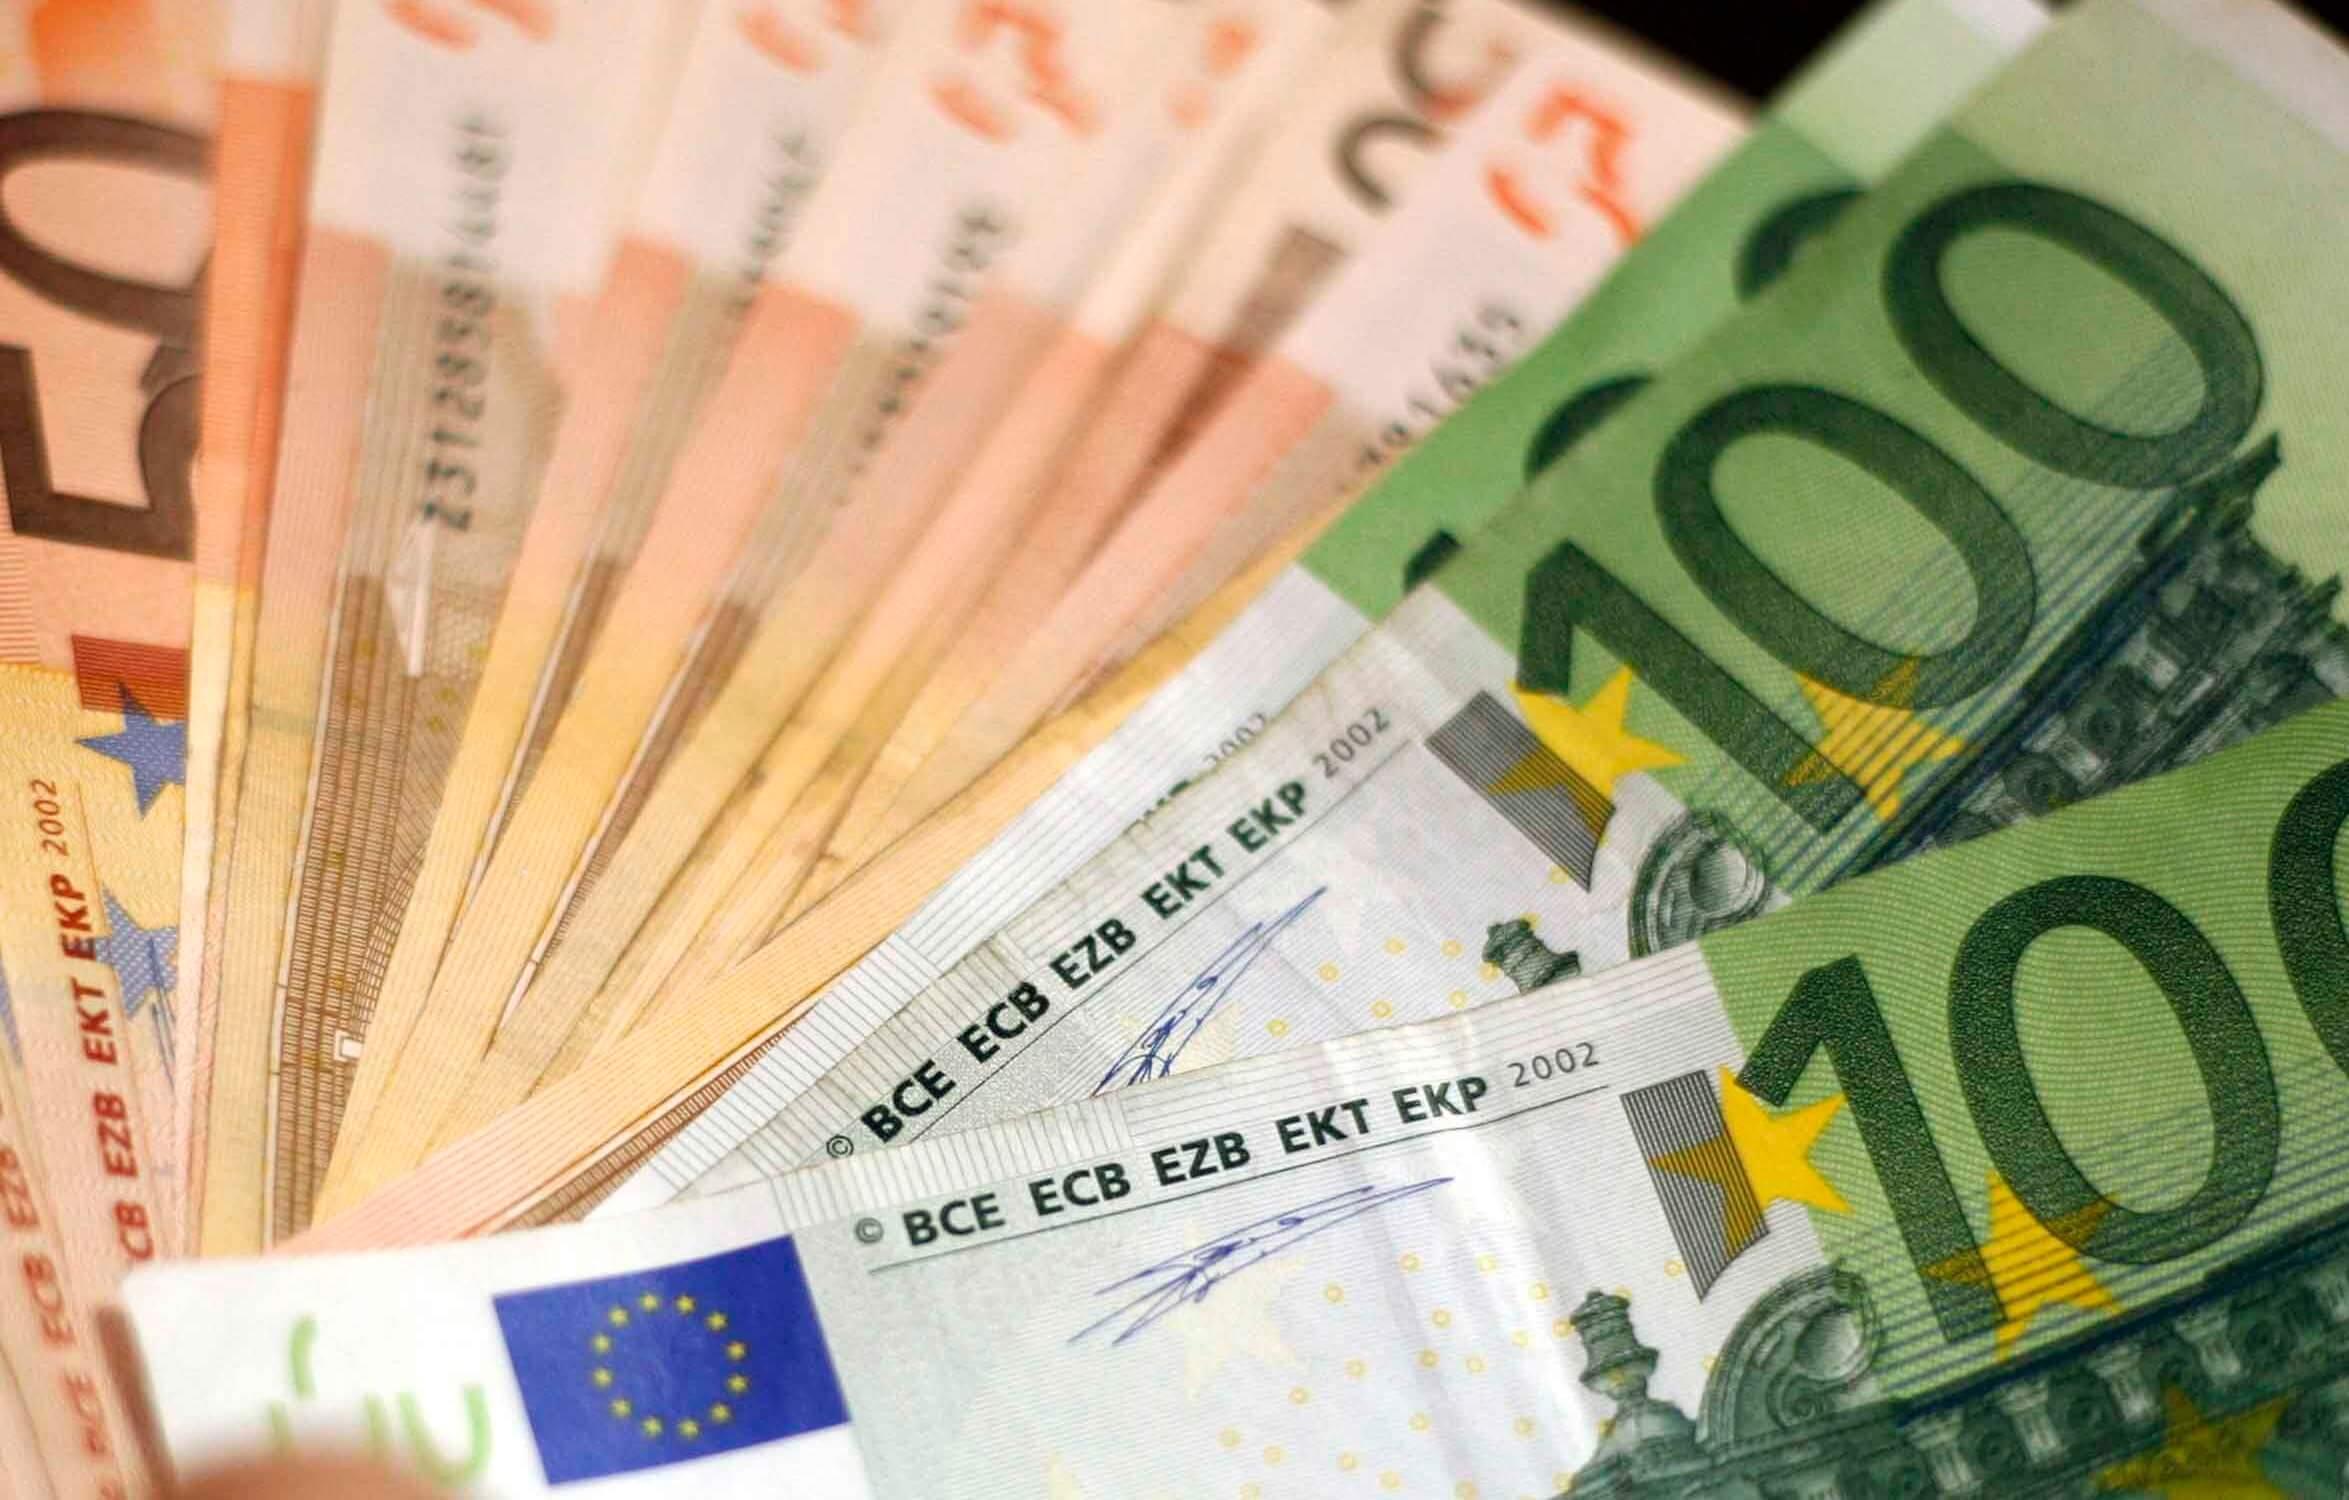 Συντάξεις Σεπτεμβρίου 2020: Δείτε τις ημερομηνίες για τις πληρωμές ανά ταμείο